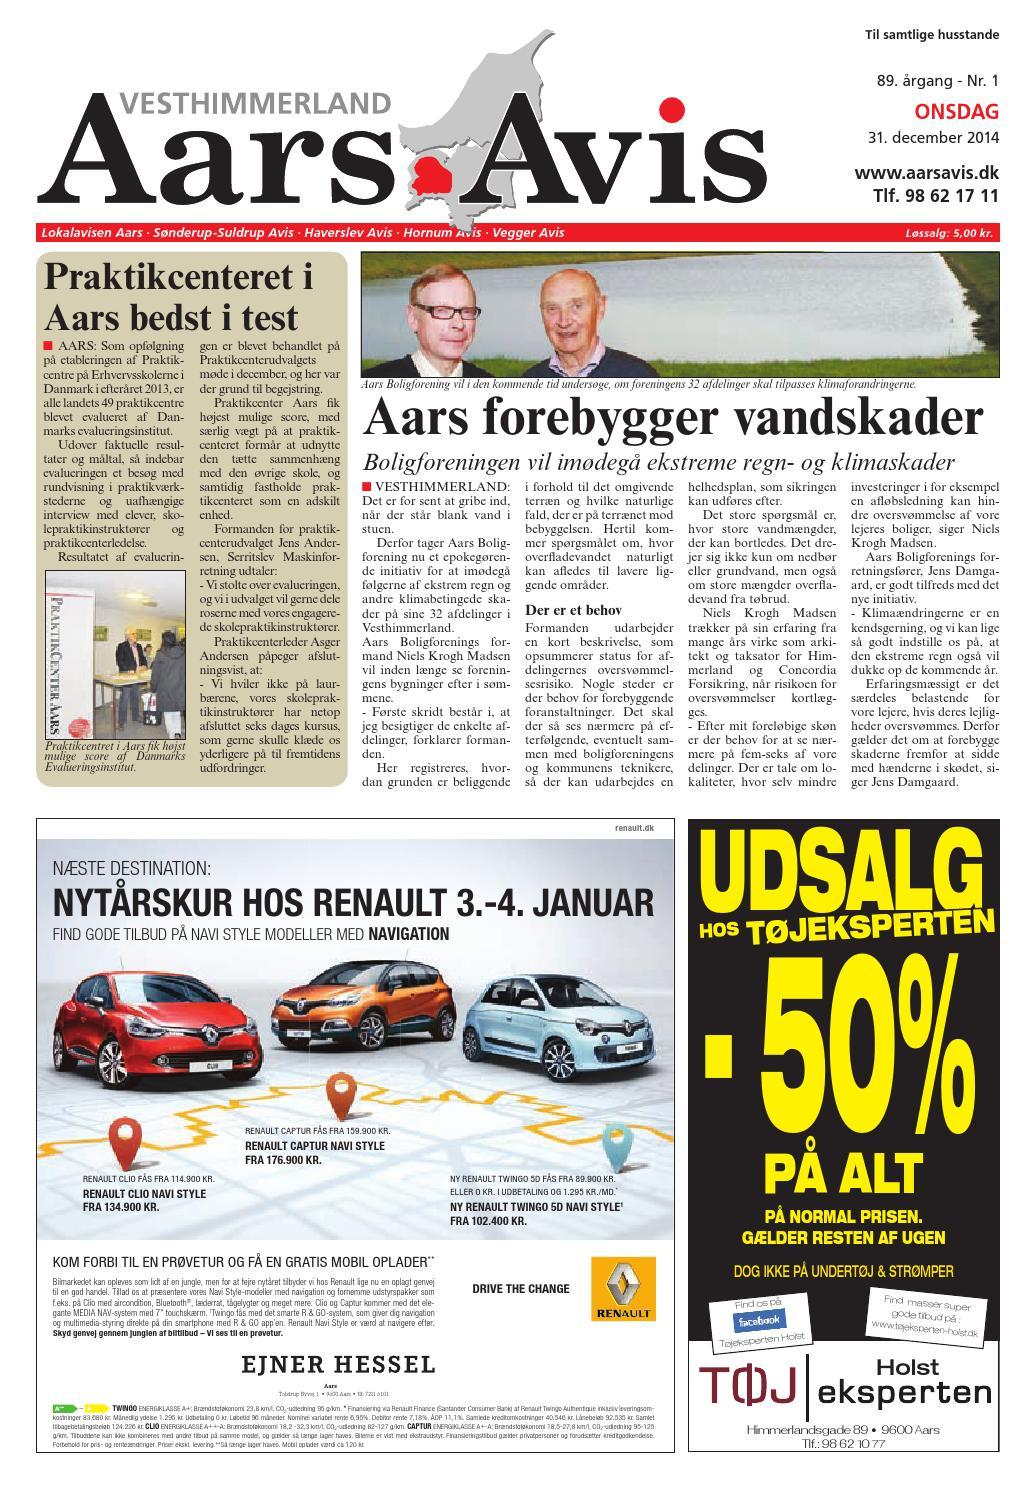 rabat sommerland sjælland især på engelsk